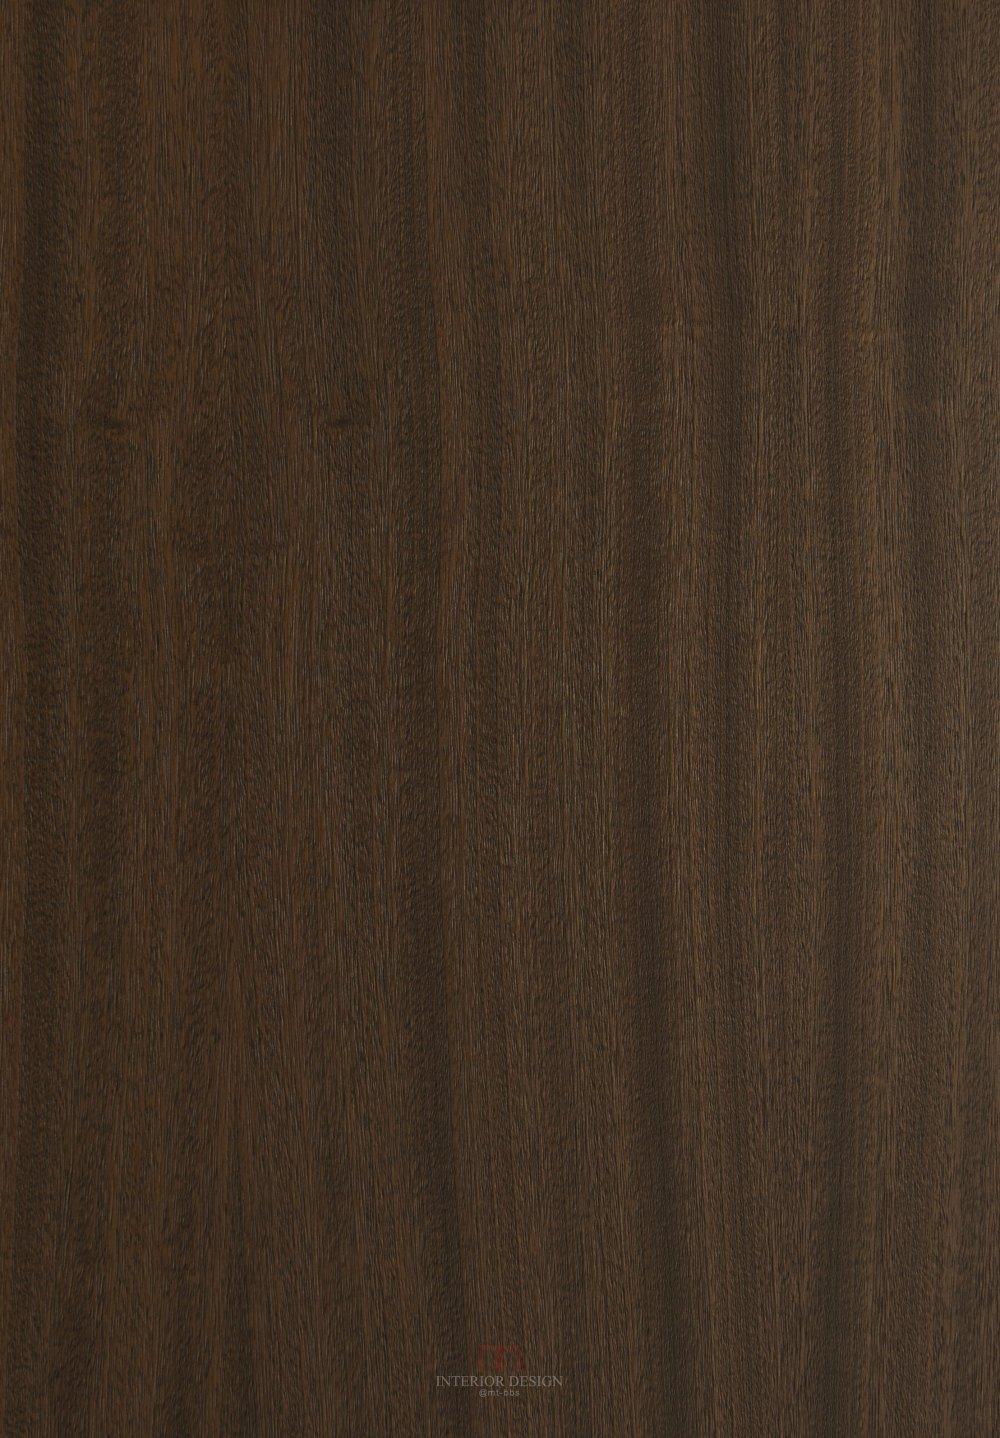 天然木纹_K6125AN_F0603.jpg